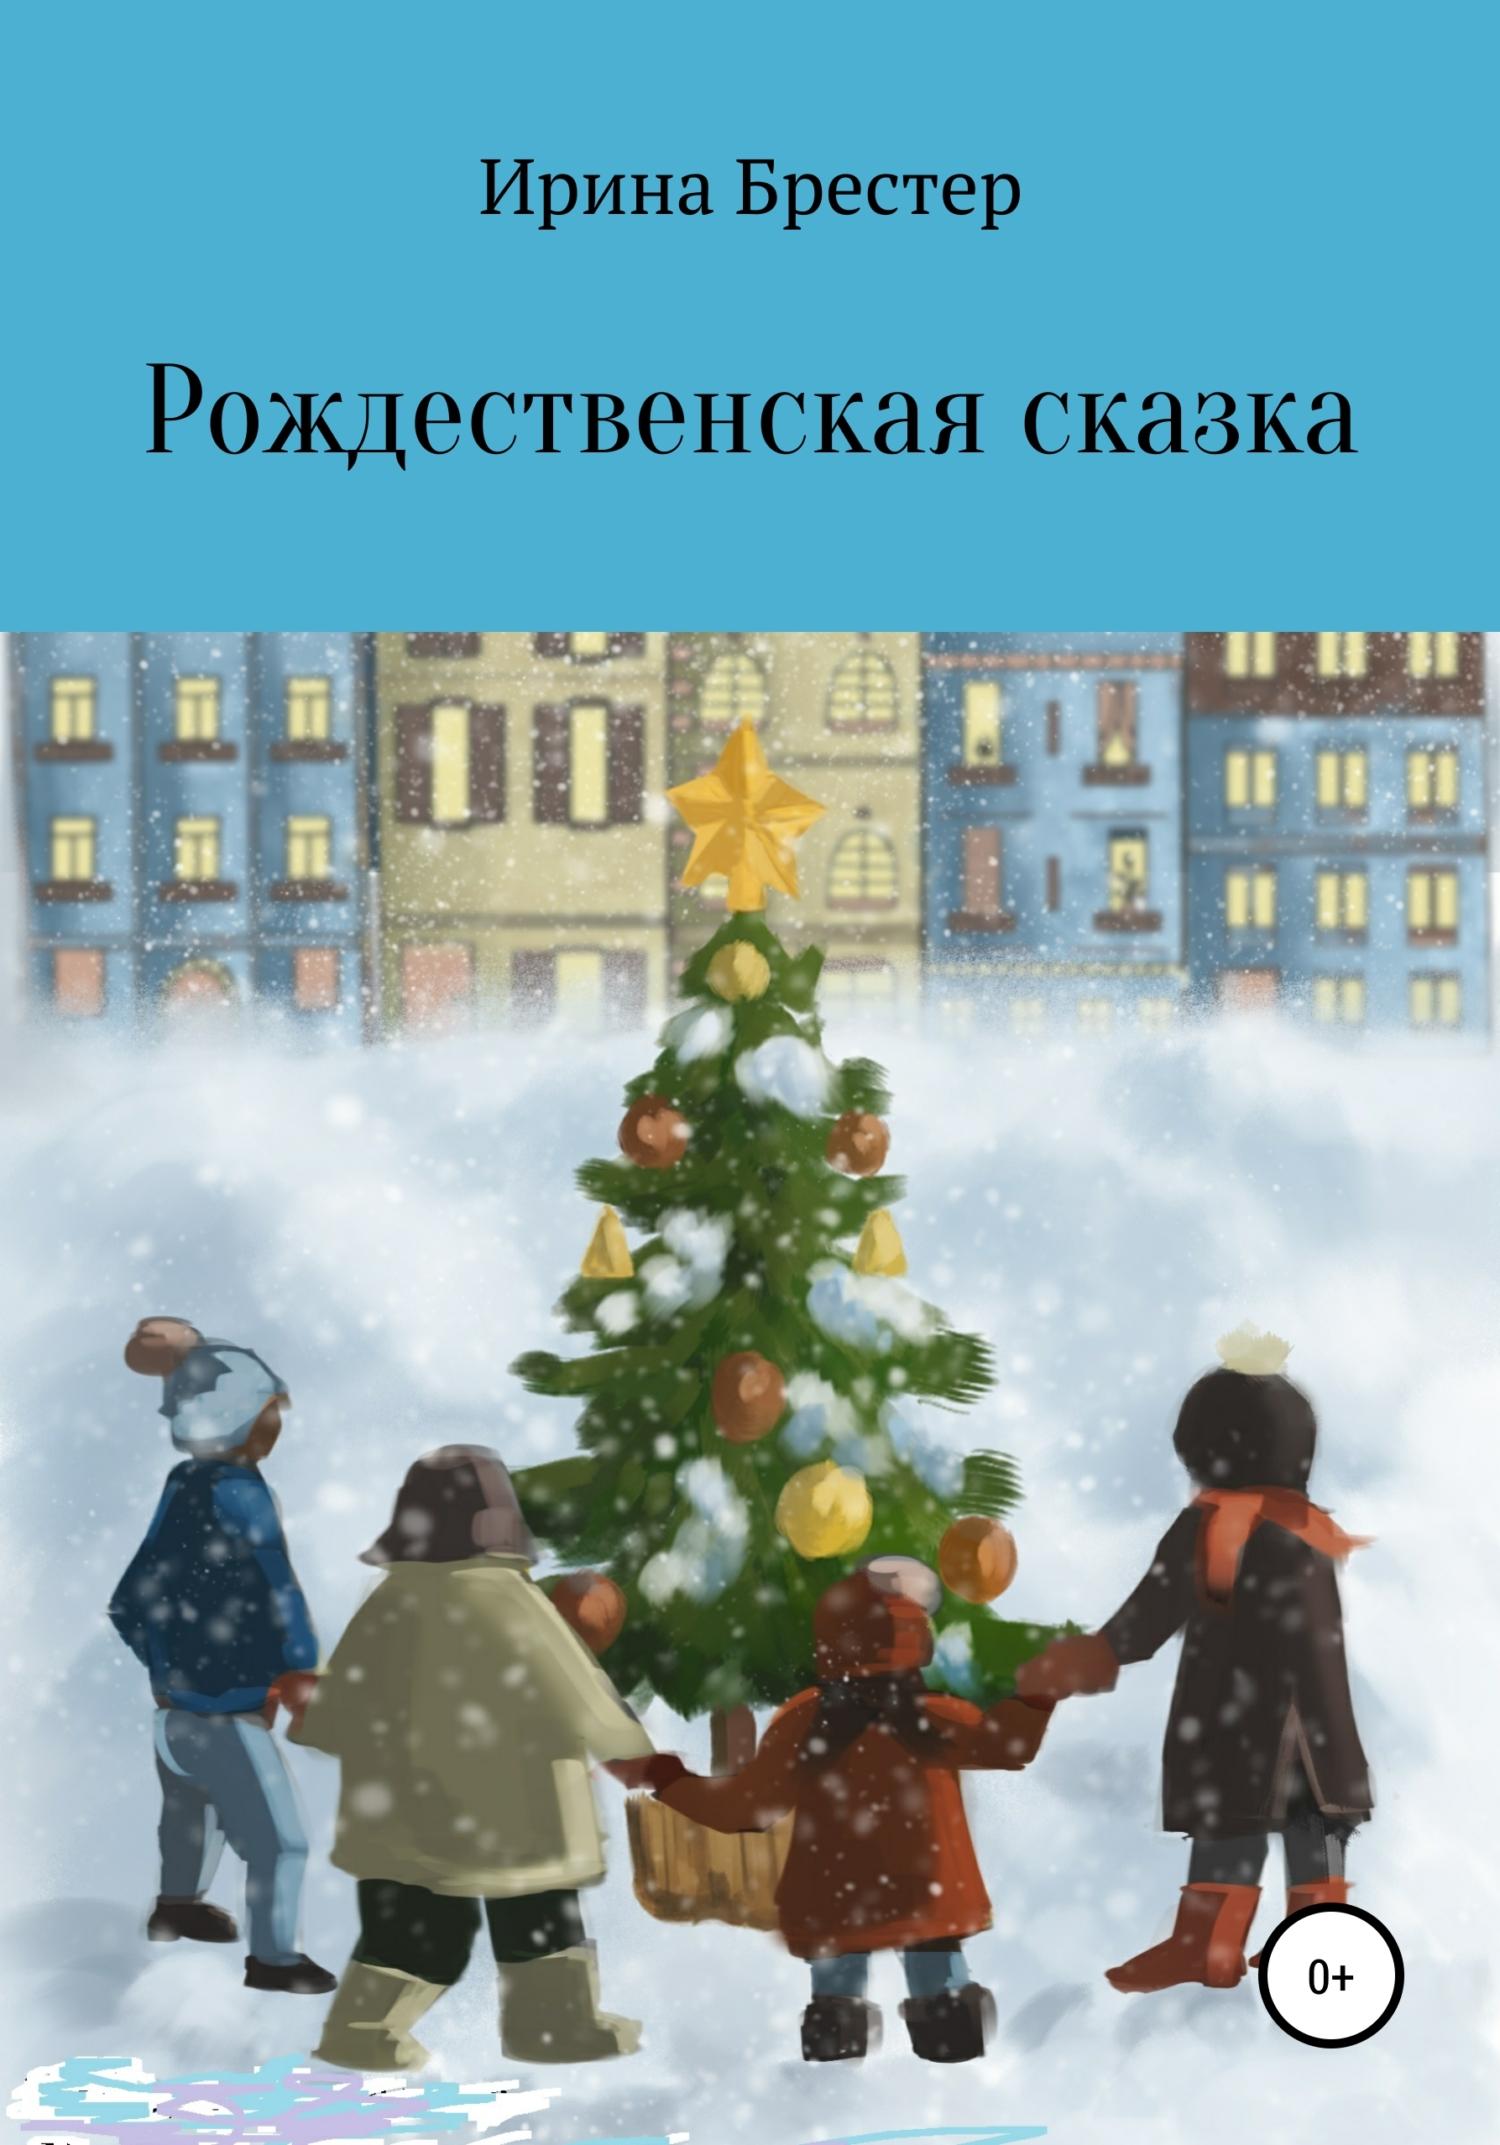 Ирина Брестер - Рождественская сказка